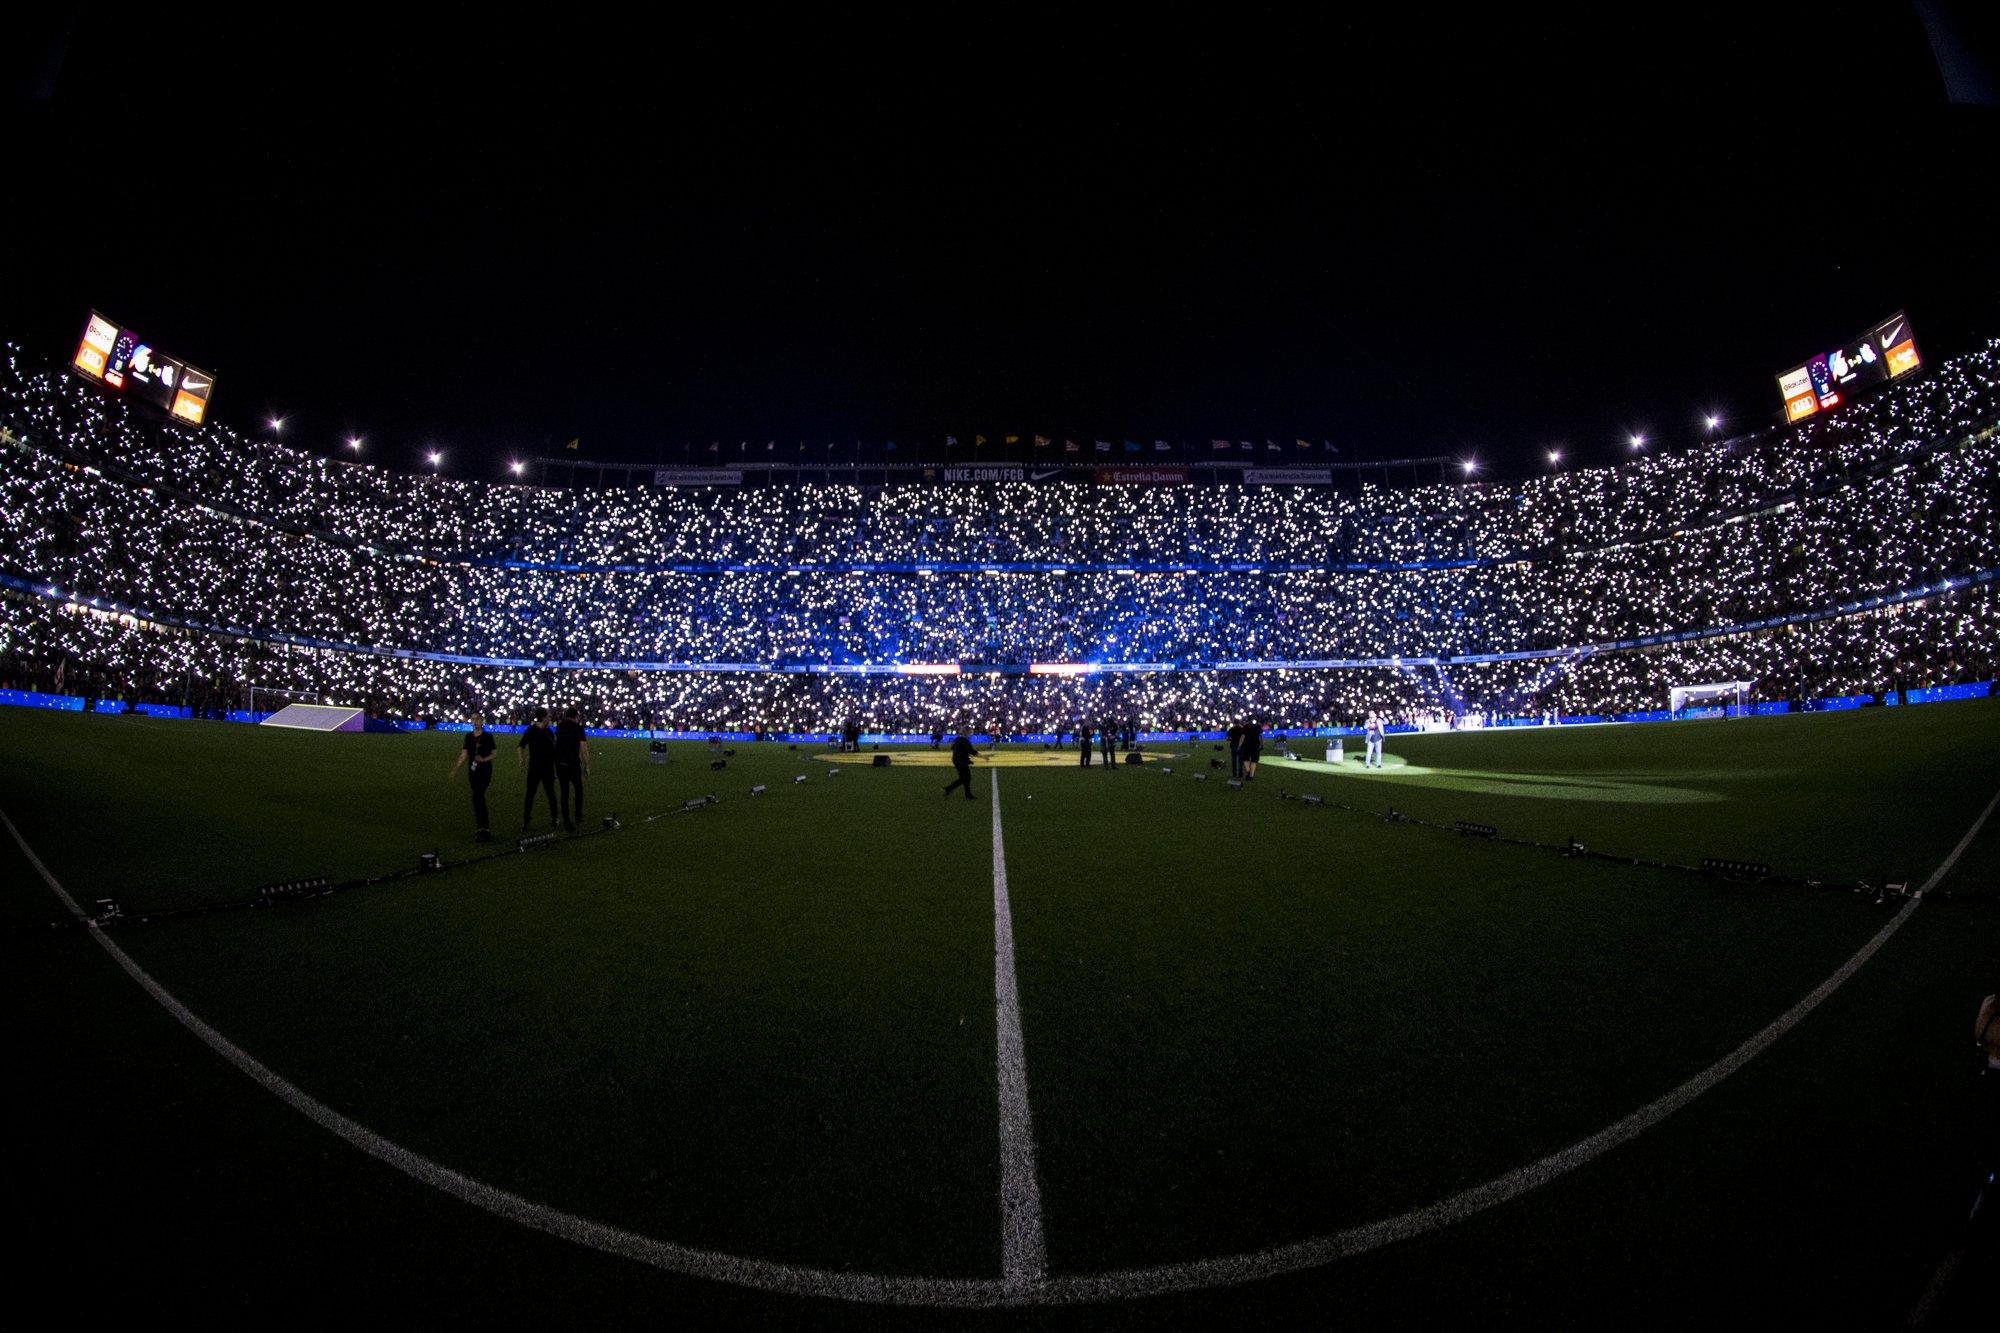 ❤️ Camp Nou. Our home �� Good night Barça Fans!  ���� https://t.co/vtw4wPaeX2